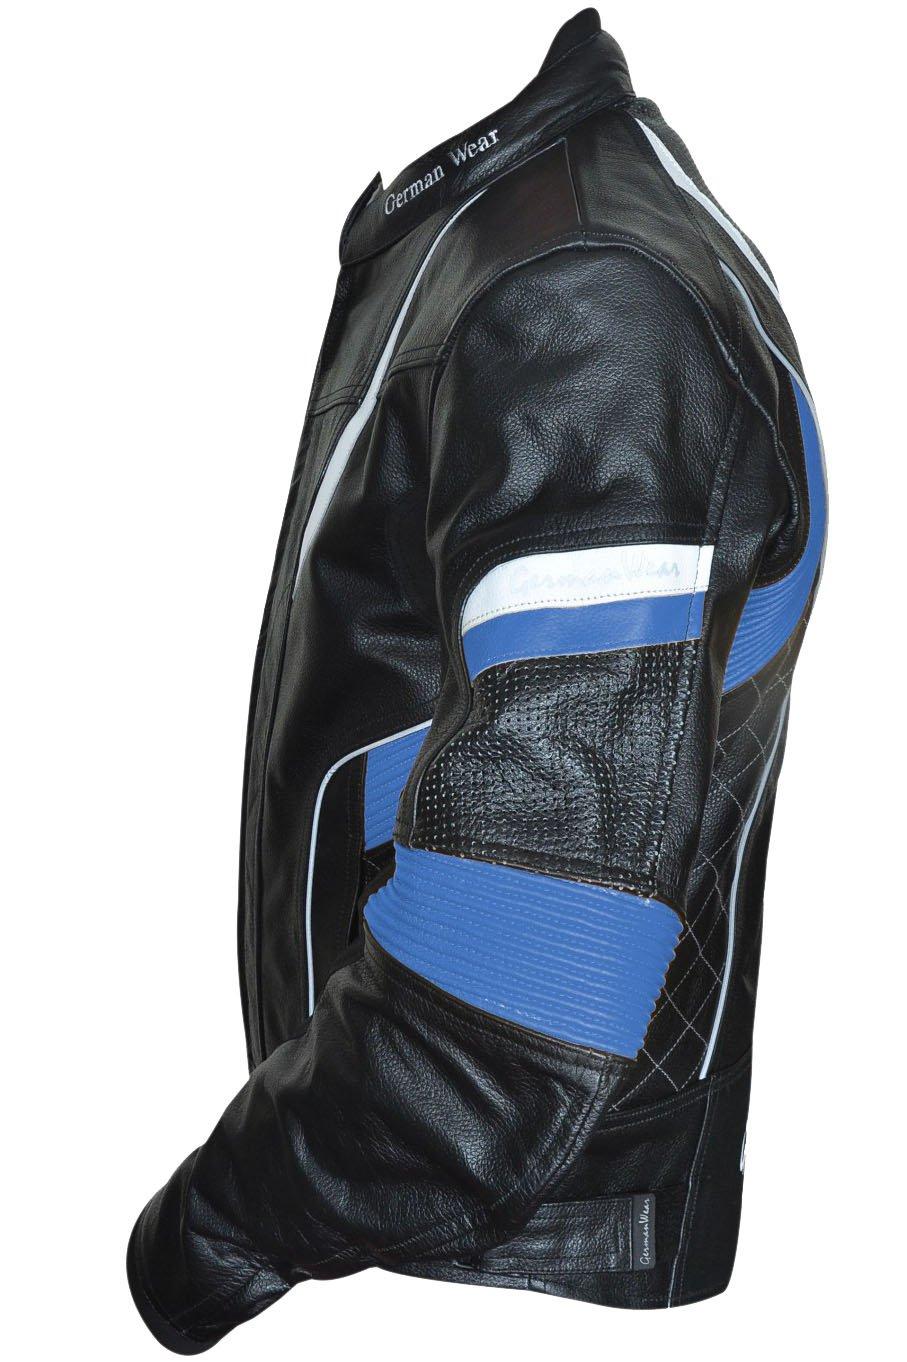 /Chaqueta de moto chaqueta de piel chopper Chaqueta Cruiser German Wear/